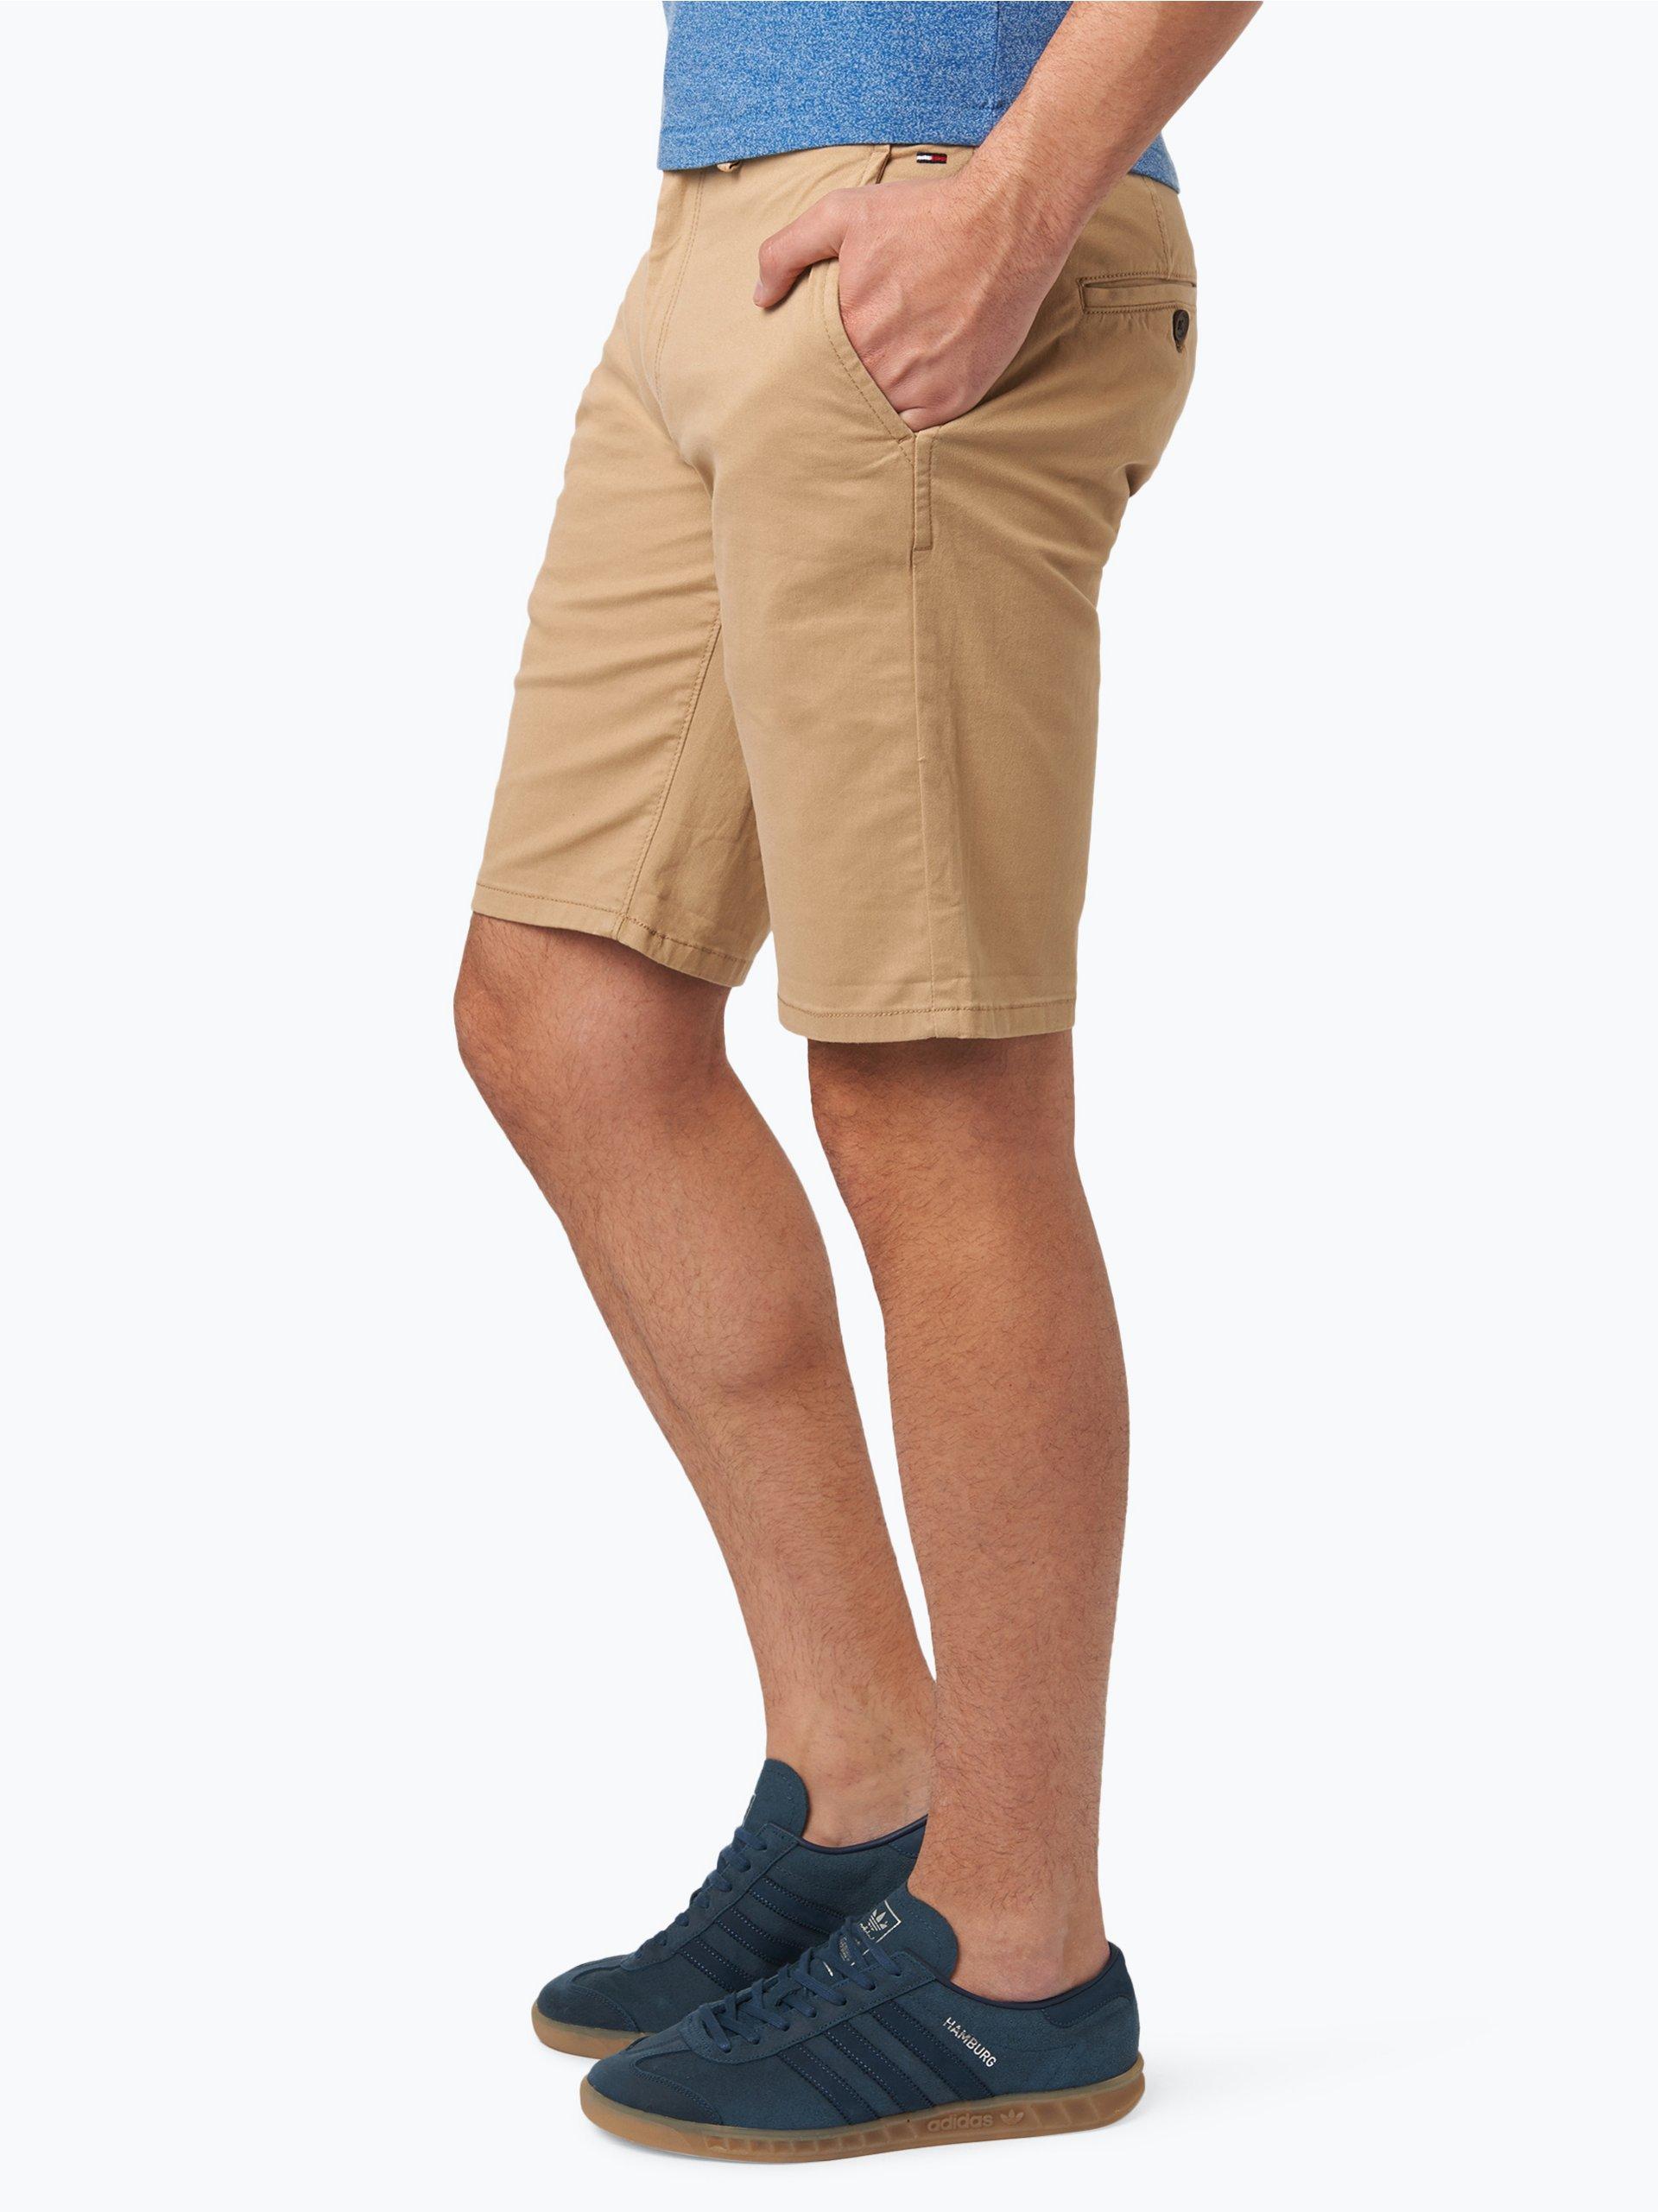 tommy jeans herren shorts beige uni online kaufen. Black Bedroom Furniture Sets. Home Design Ideas